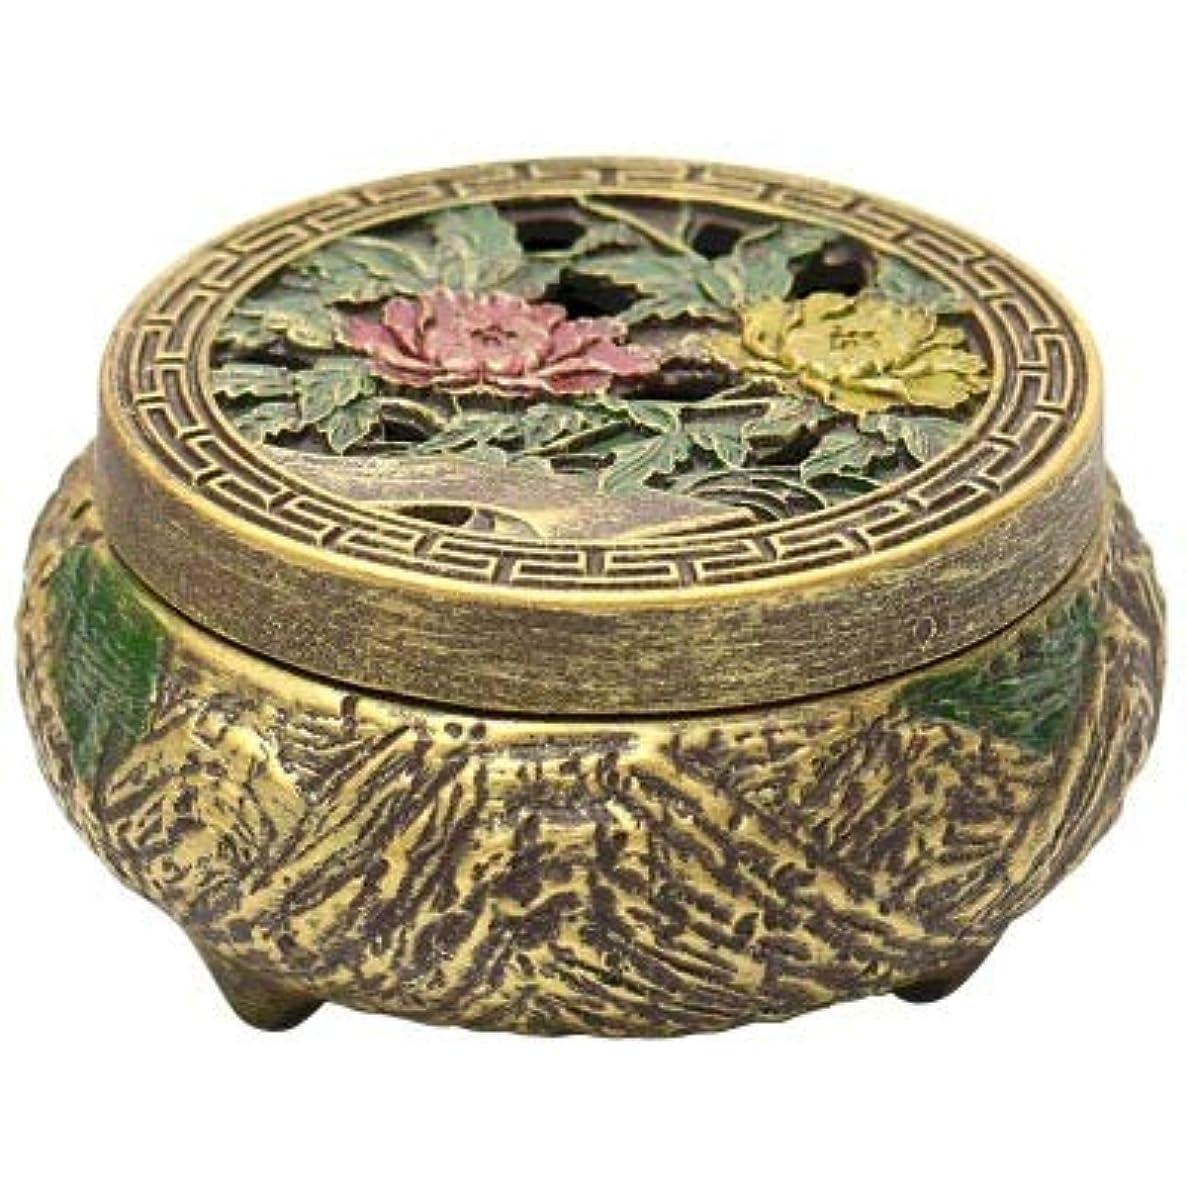 マカダム追放する温帯PHILOGOD 香炉 仏壇用線香立て エンボス加工印刷する 香置物 香皿 (Brown1)